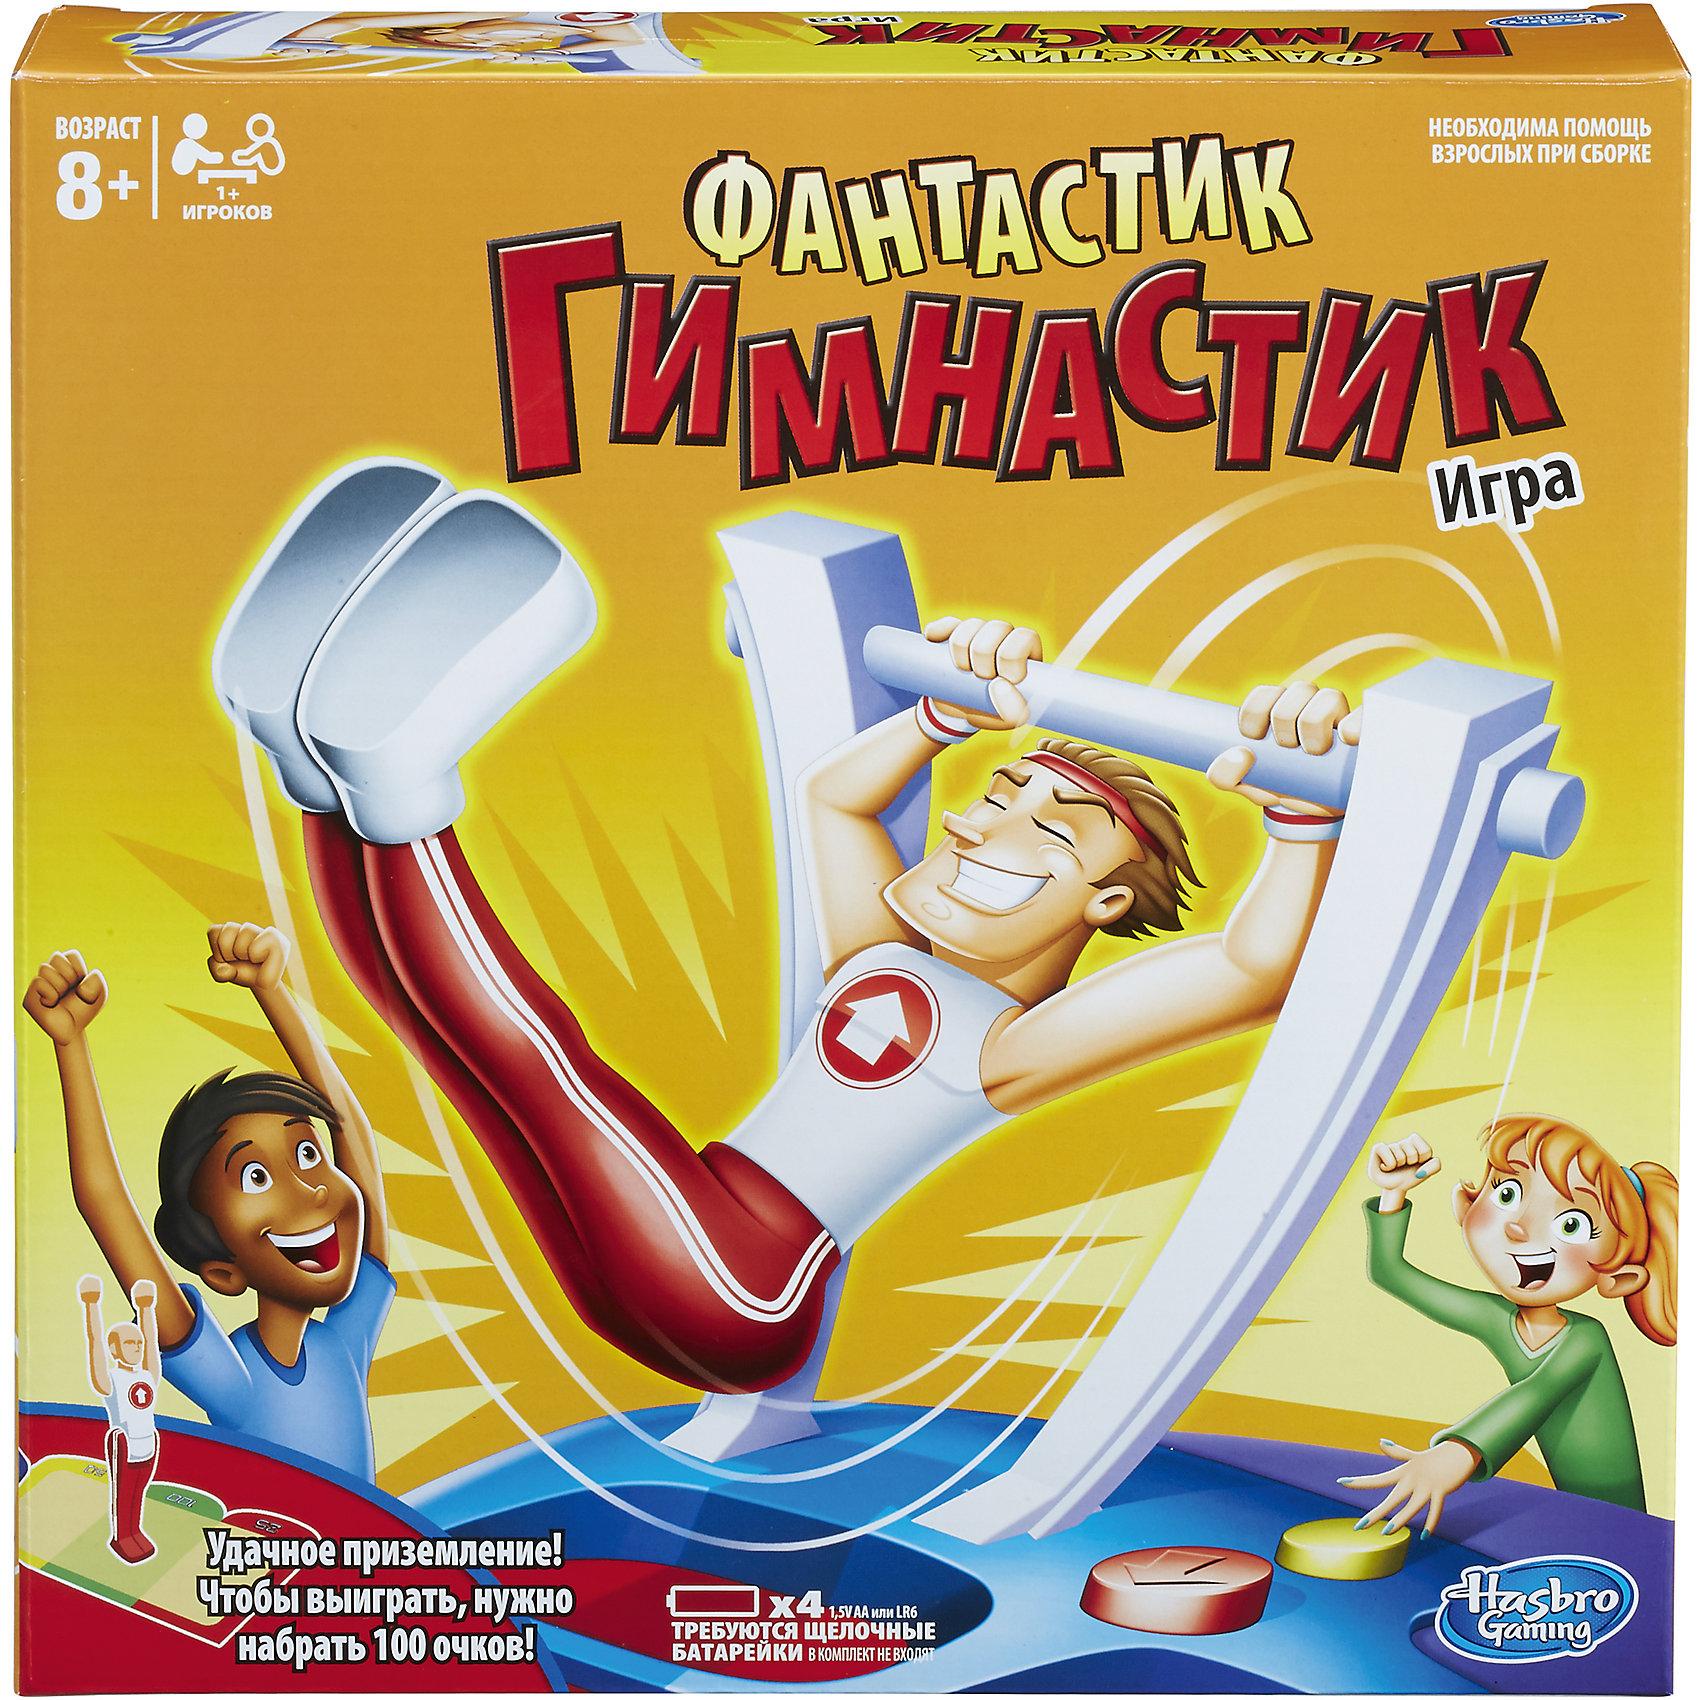 Игра Фантастик-Гимнастик, HasbroИгры для развлечений<br>Игра Фантастик-Гимнастик, Hasbro.<br><br>Характеристика: <br><br>• Материал: пластик, картон. <br>• Размер упаковки: 27х7х27 см.<br>• В комплекте: <br>• Возраст: от 8 лет. <br>• Количество игроков: от 1. <br>• Элемент питания: 4 АА батарейки (не входят в комплект).<br>• Развивает внимание. <br><br>Почувствуй себя настоящим спортсменом вместе с этой увлекательной игрой от Hasbro! Прими участие в соревнованиях по гимнастике. Для начала собери турник и закрепи спортсмена на перекладине. Жми на желтую кнопку, чтобы раскрутить фигурку, а теперь выбери нужный момент и нажимай на красную кнопку. Если гимнаст приземлится на мат на ноги и не упадет - ты победитель.<br><br>Игру Фантастик-Гимнастик, Hasbro, можно купить в нашем интернет-магазине.<br><br>Ширина мм: 64<br>Глубина мм: 267<br>Высота мм: 267<br>Вес г: 760<br>Возраст от месяцев: 96<br>Возраст до месяцев: 168<br>Пол: Унисекс<br>Возраст: Детский<br>SKU: 5405116